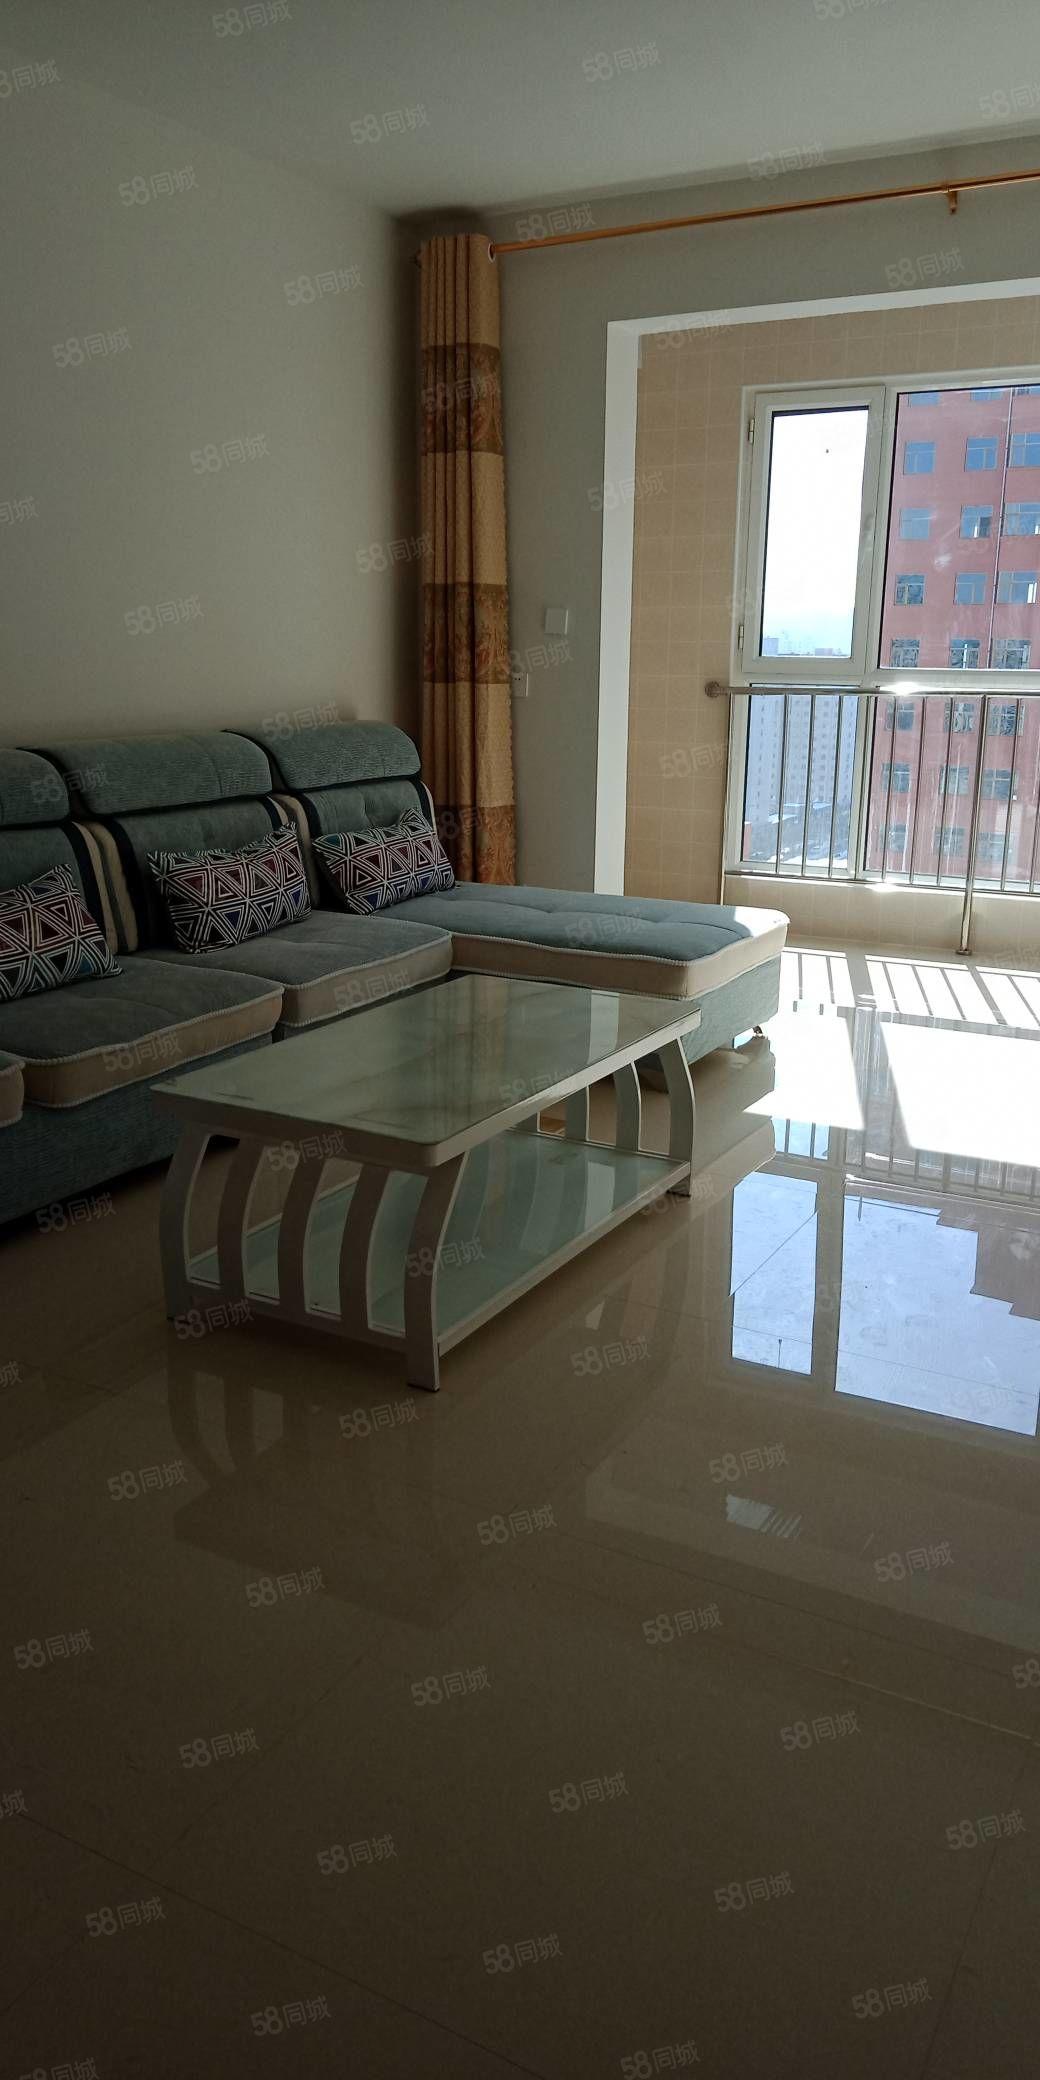 雁门小区精装房出租,118平米,高层,一个月1200元,